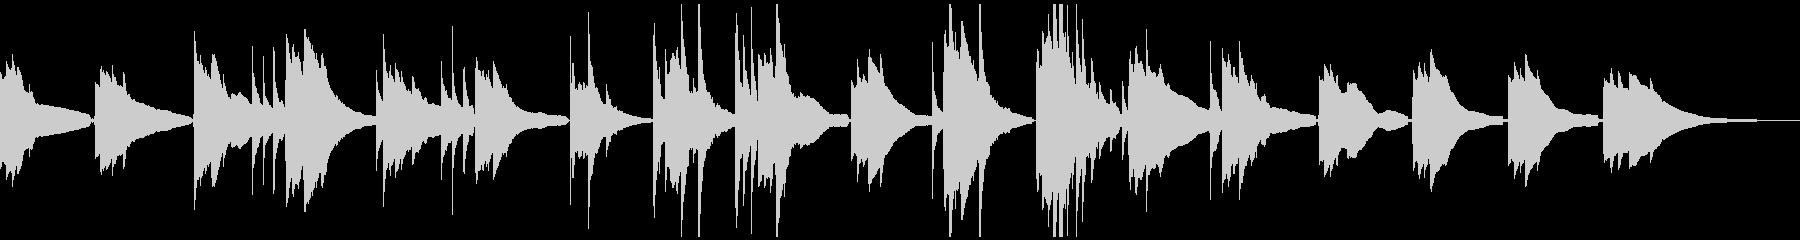 スローテンポなアコースティックギターソロの未再生の波形